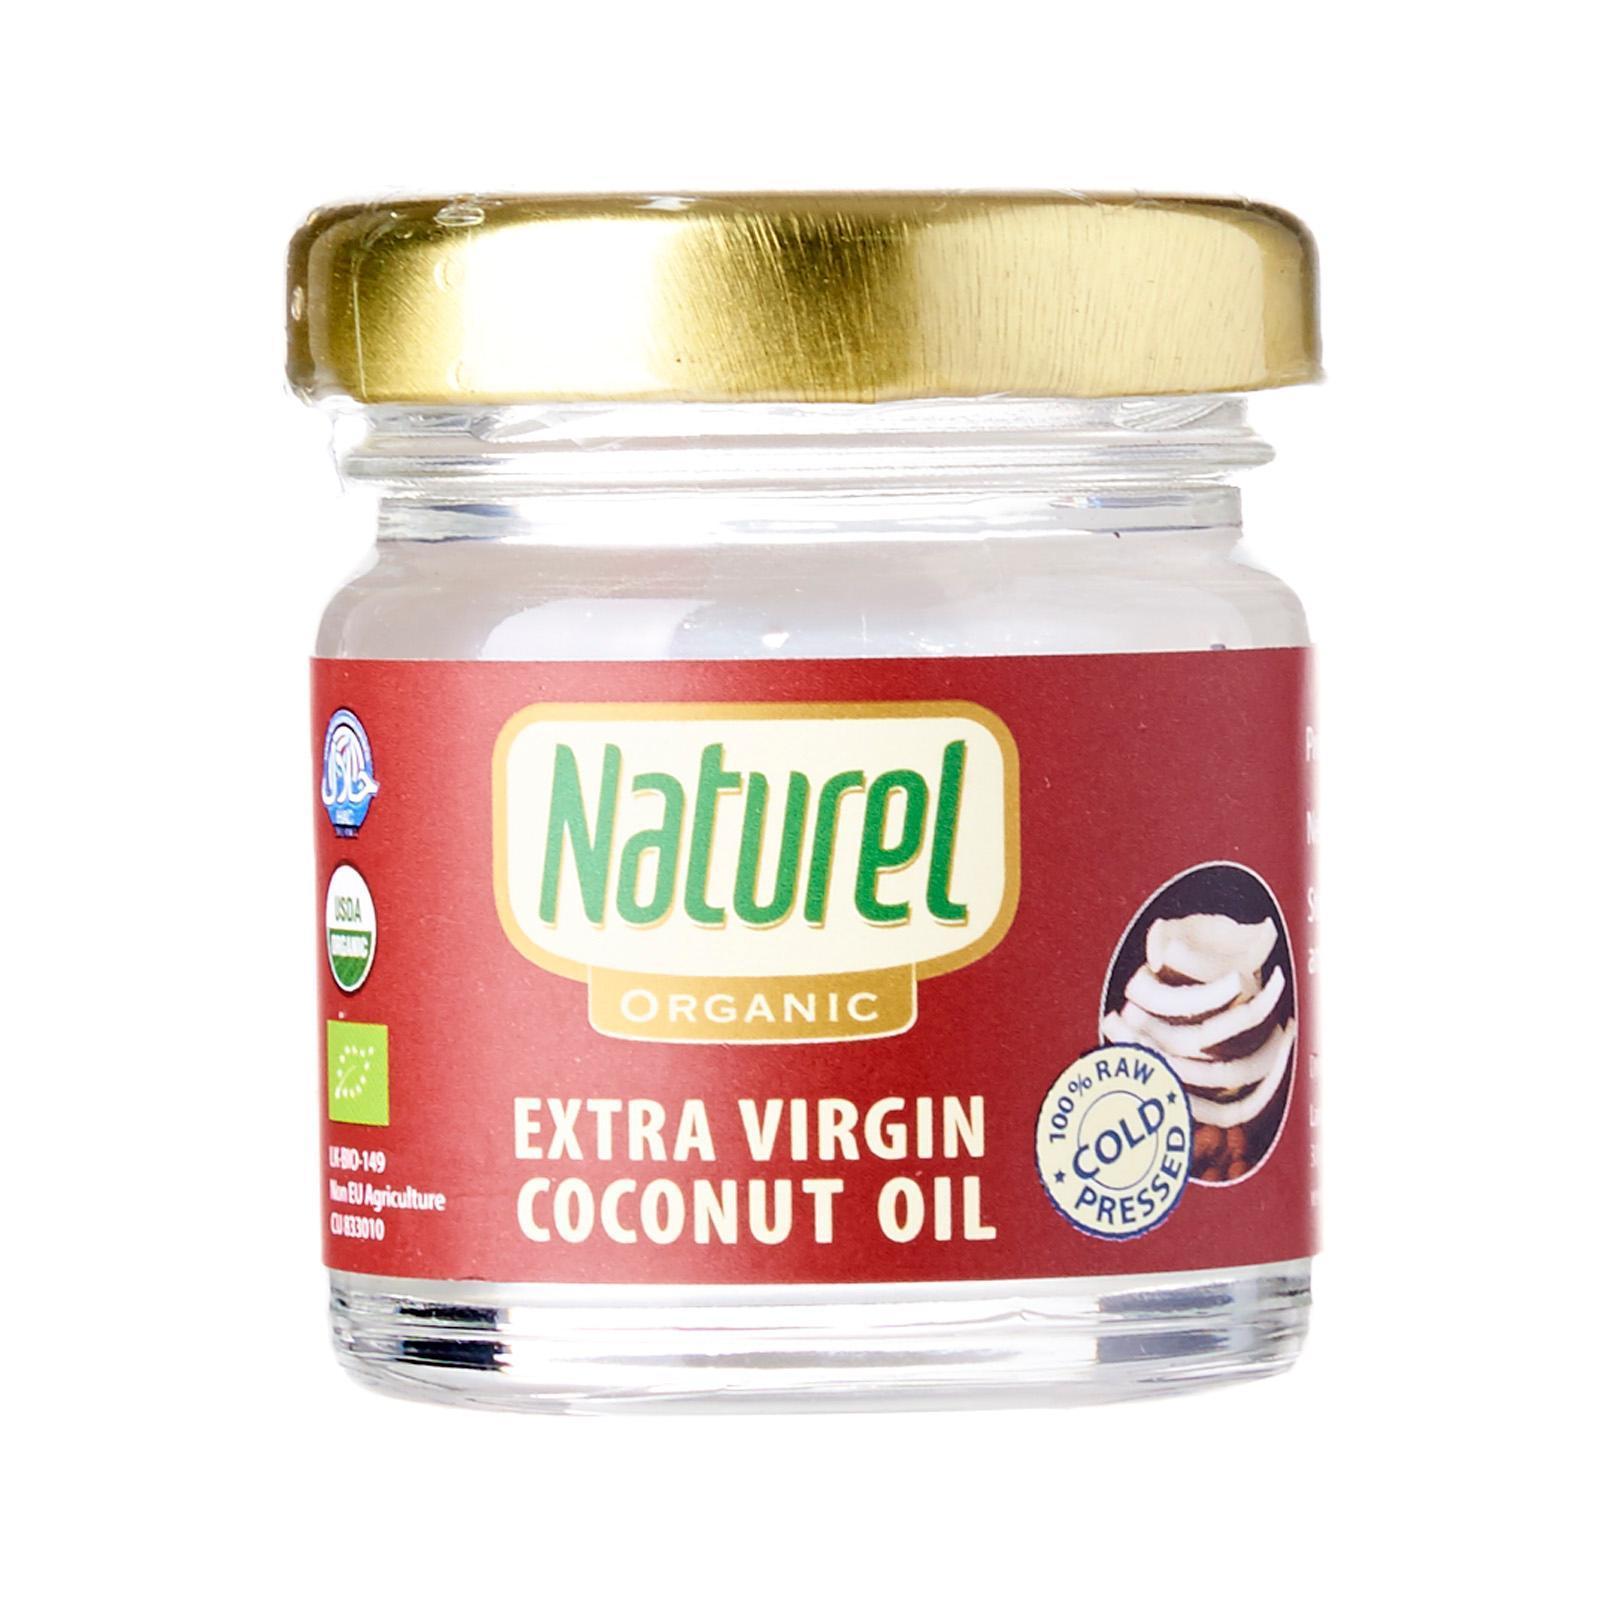 Naturel Extra Virgin Coconut Oil